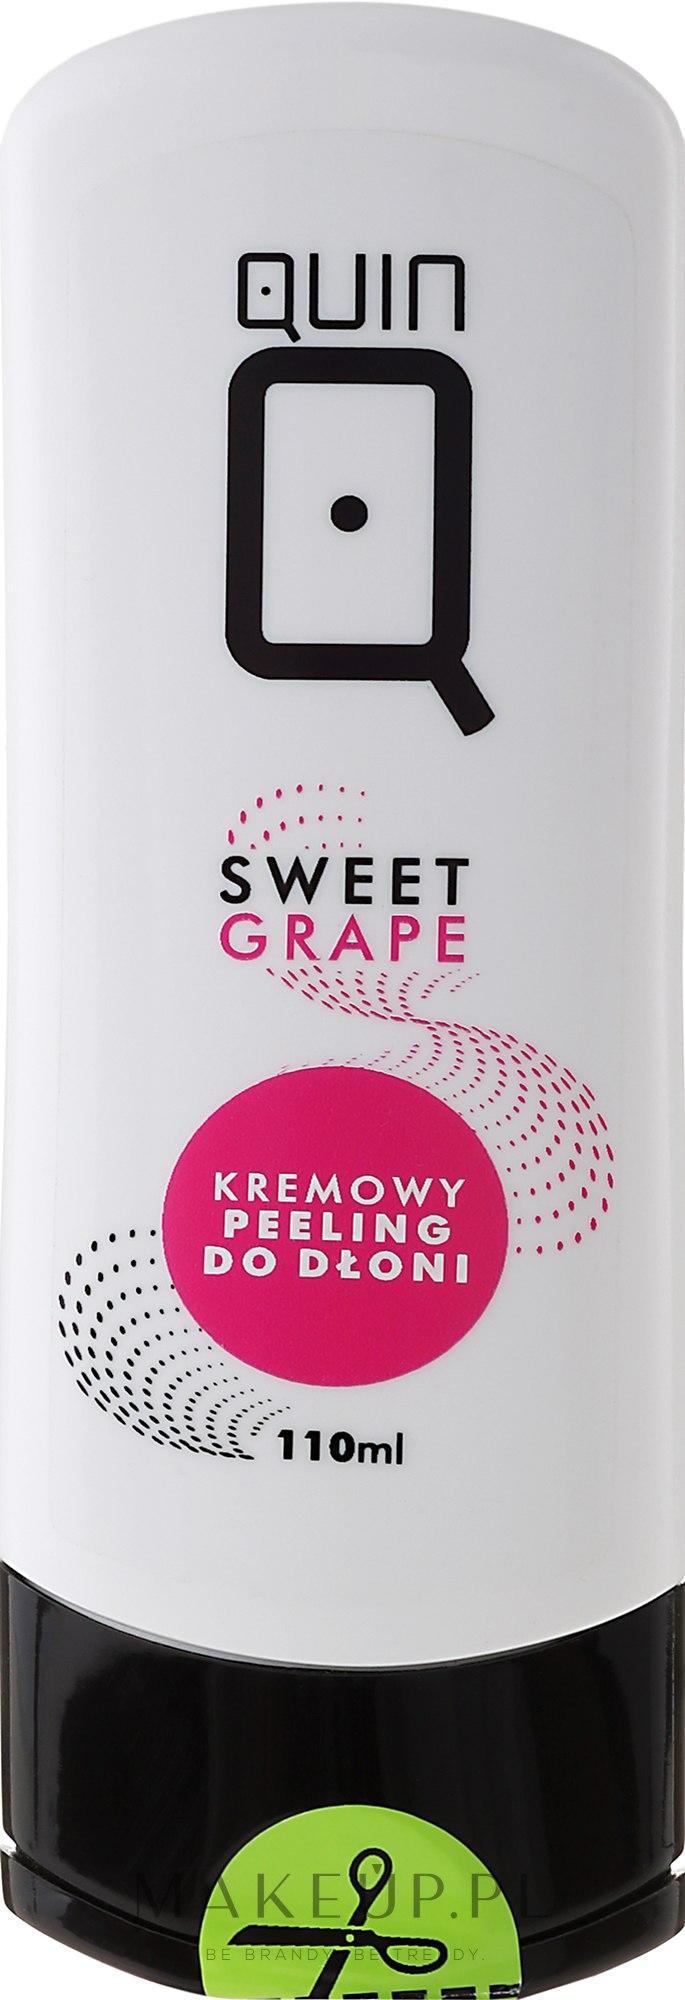 Kremowy peeling do dłoni Słodkie winogrono - Silcare Quin — фото 110 ml